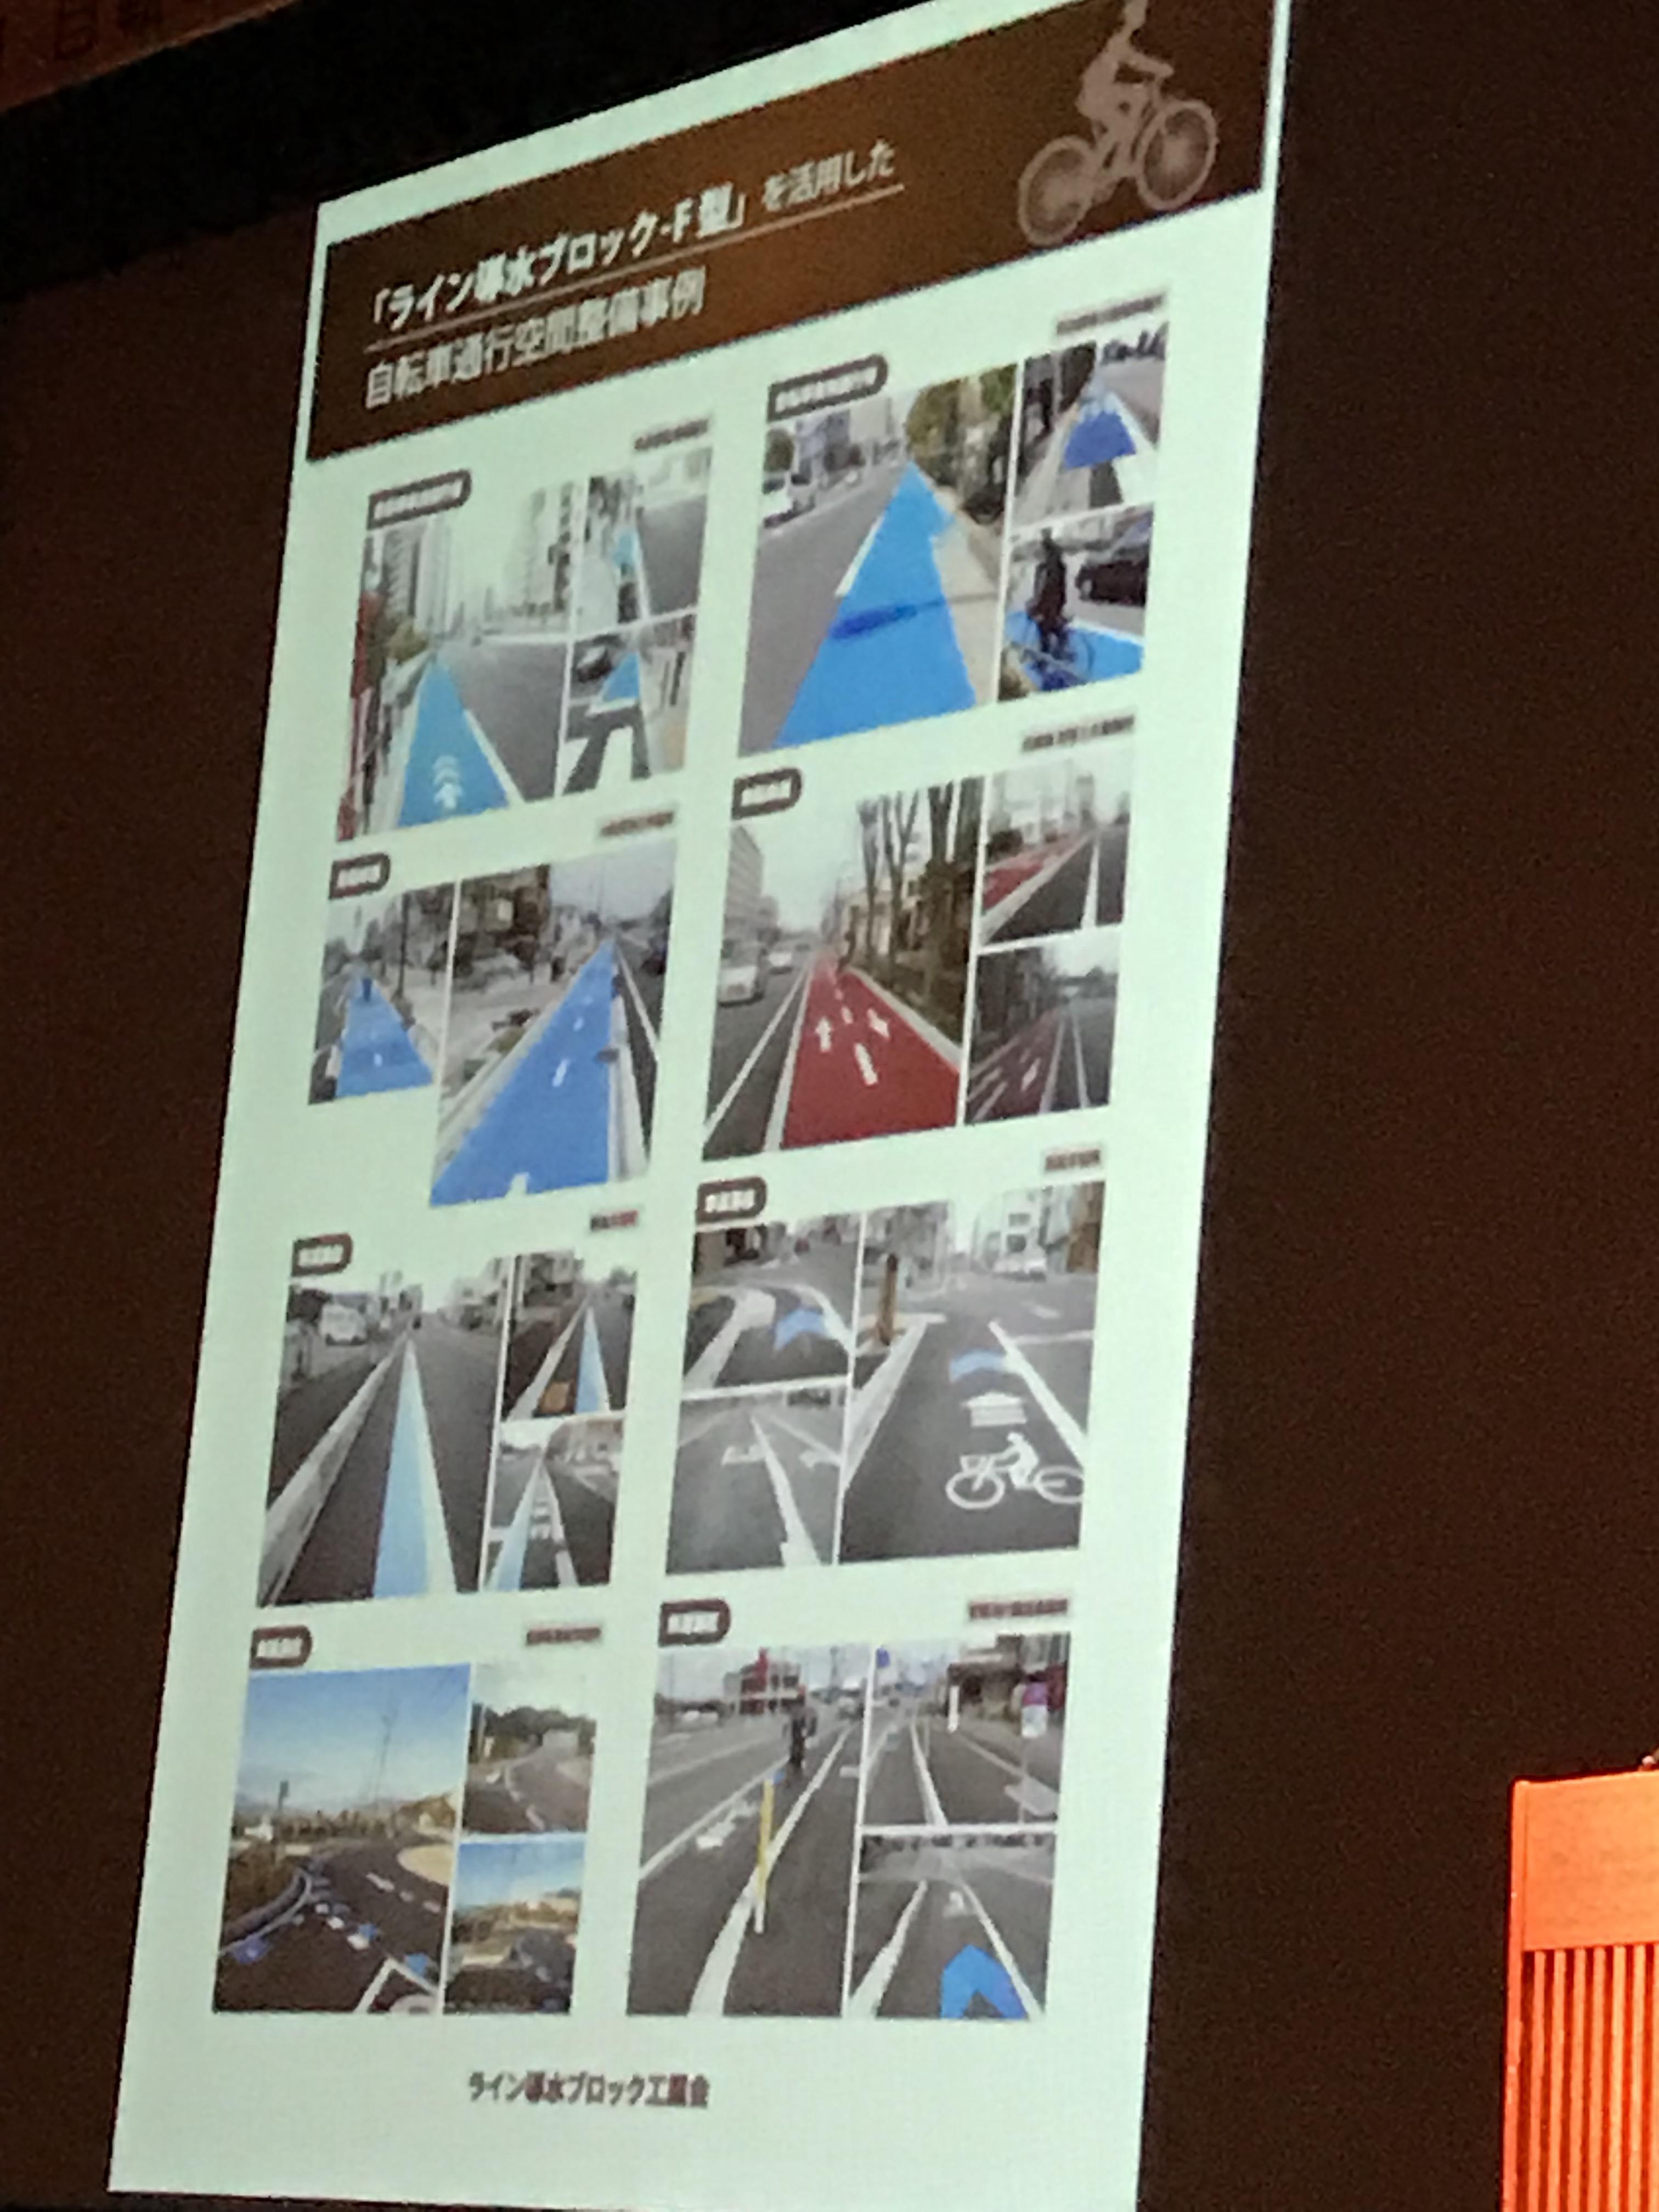 ひうち優子のブログ全国自転車活用推進フォーラムに参加。